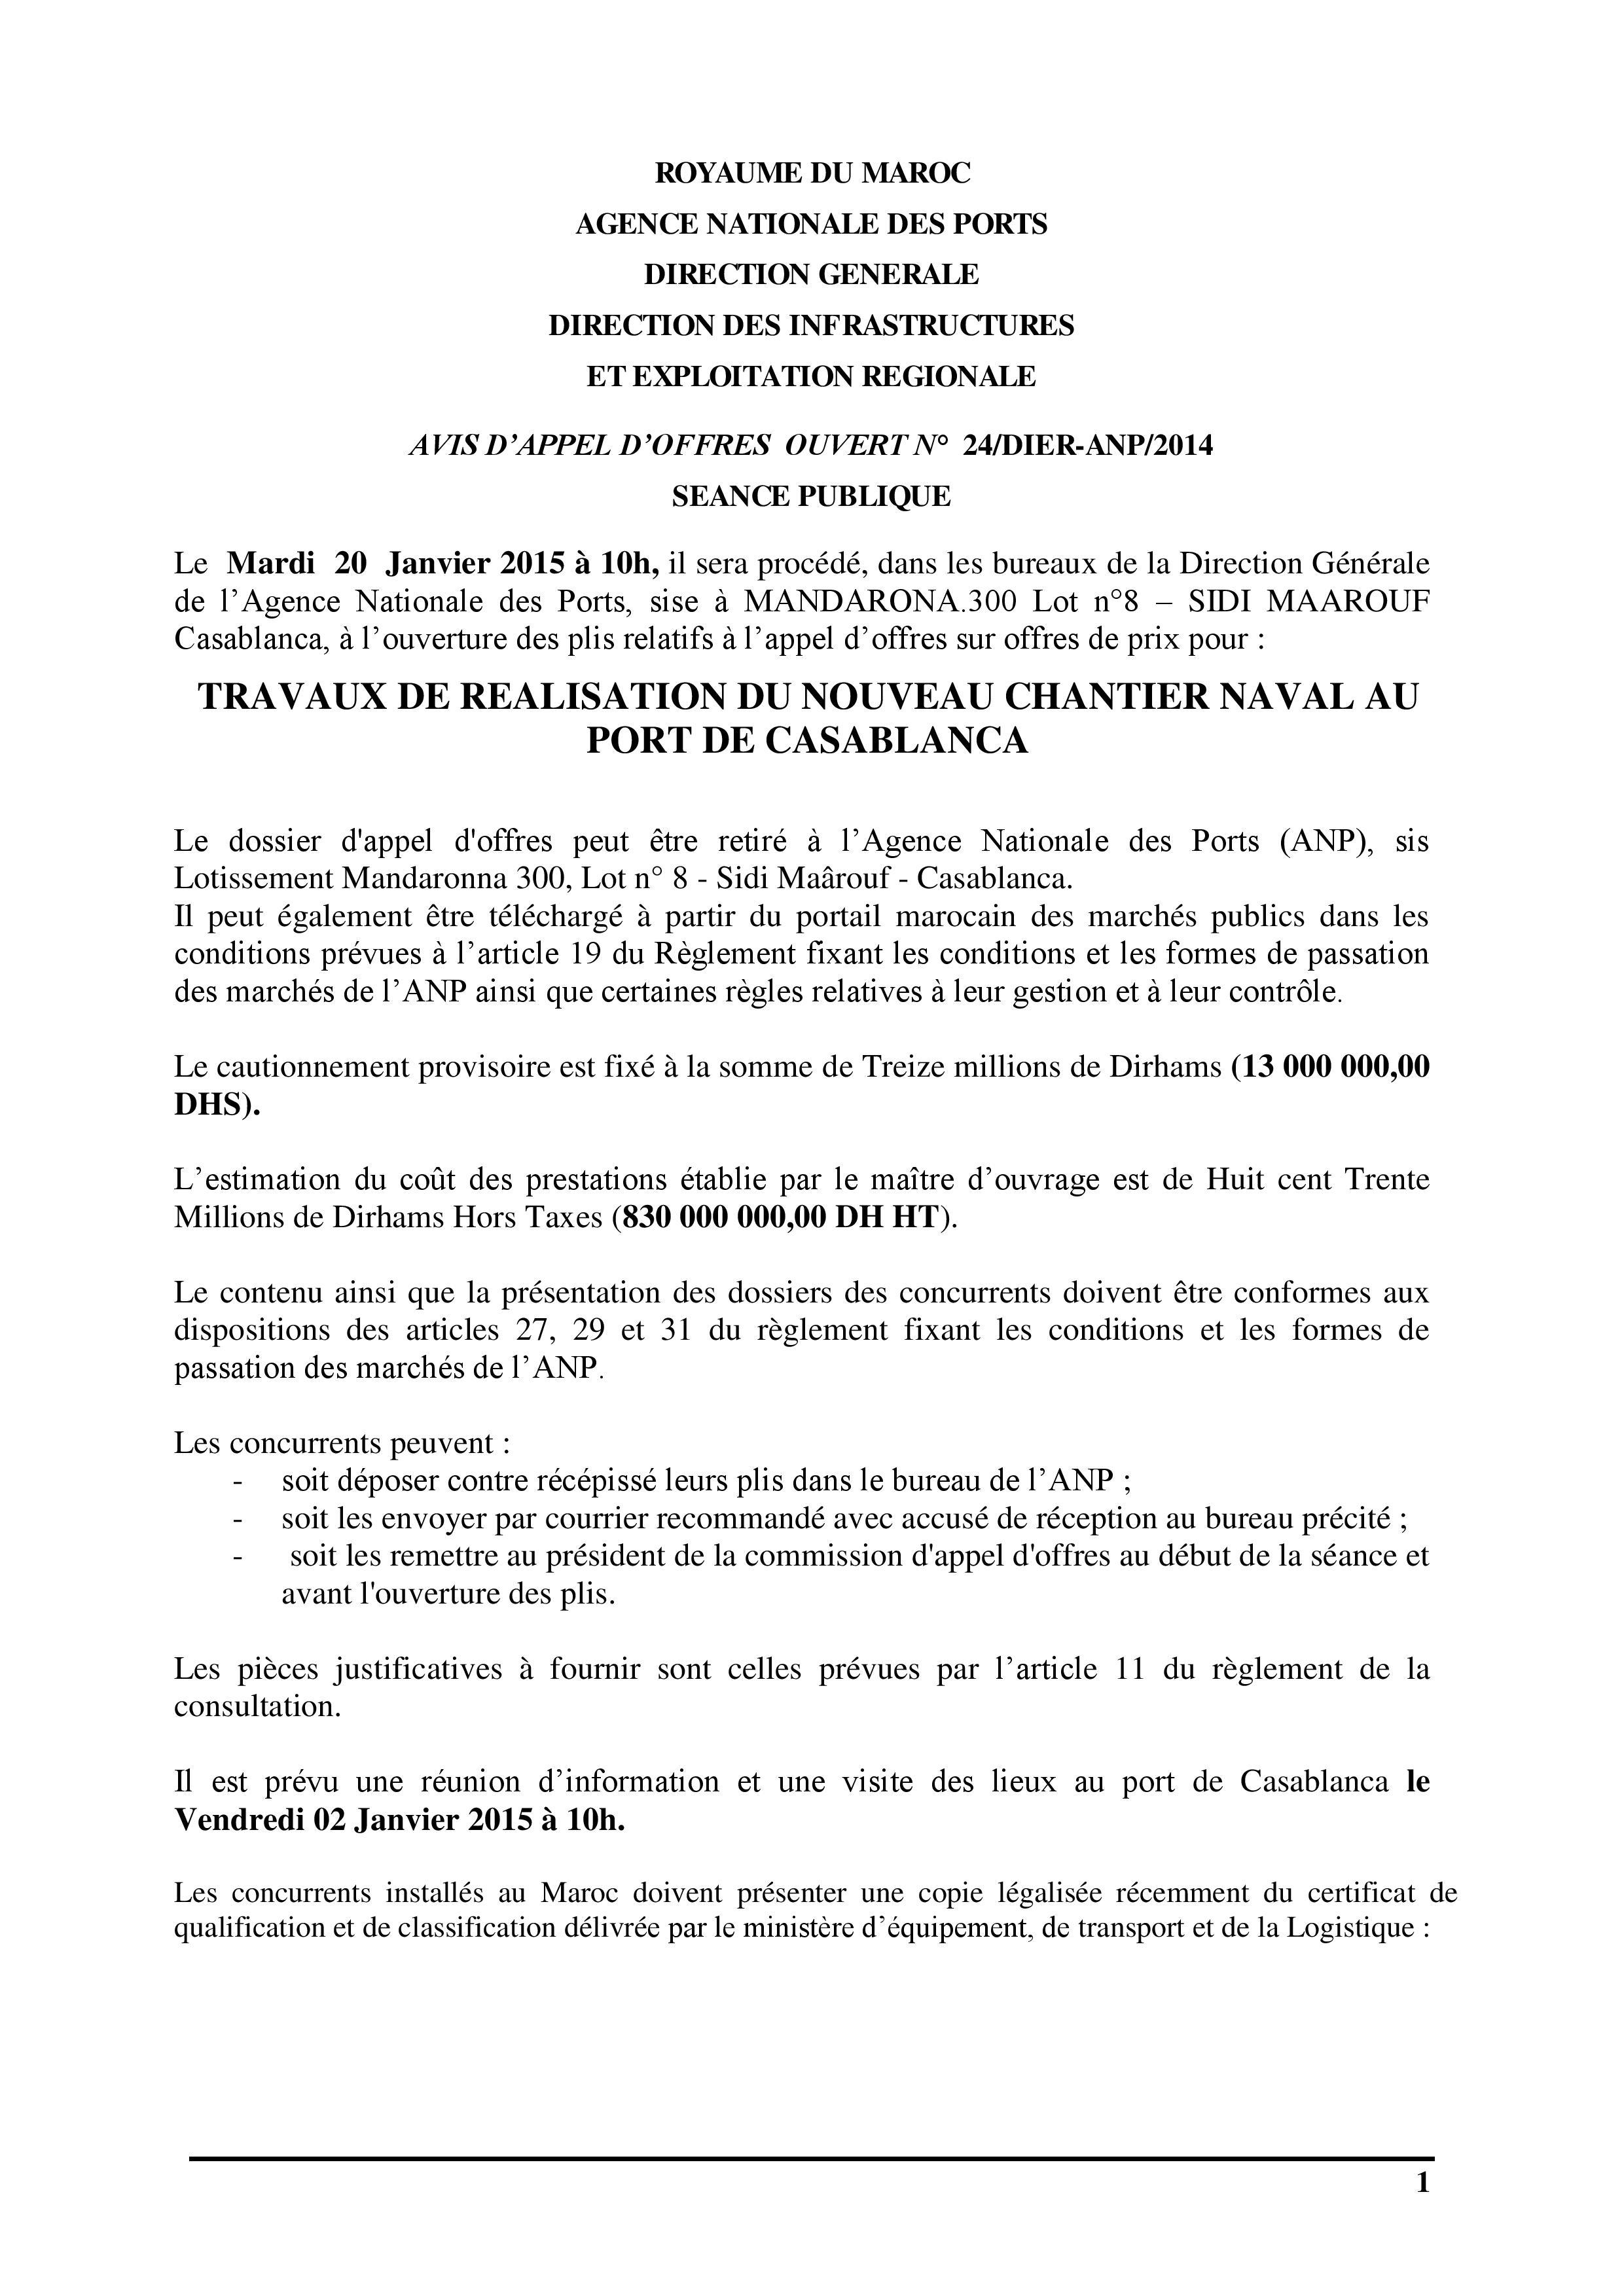 Développement de l'Industrie Navale Marocaine - Page 2 24_DIER_ANP_2014-page-001